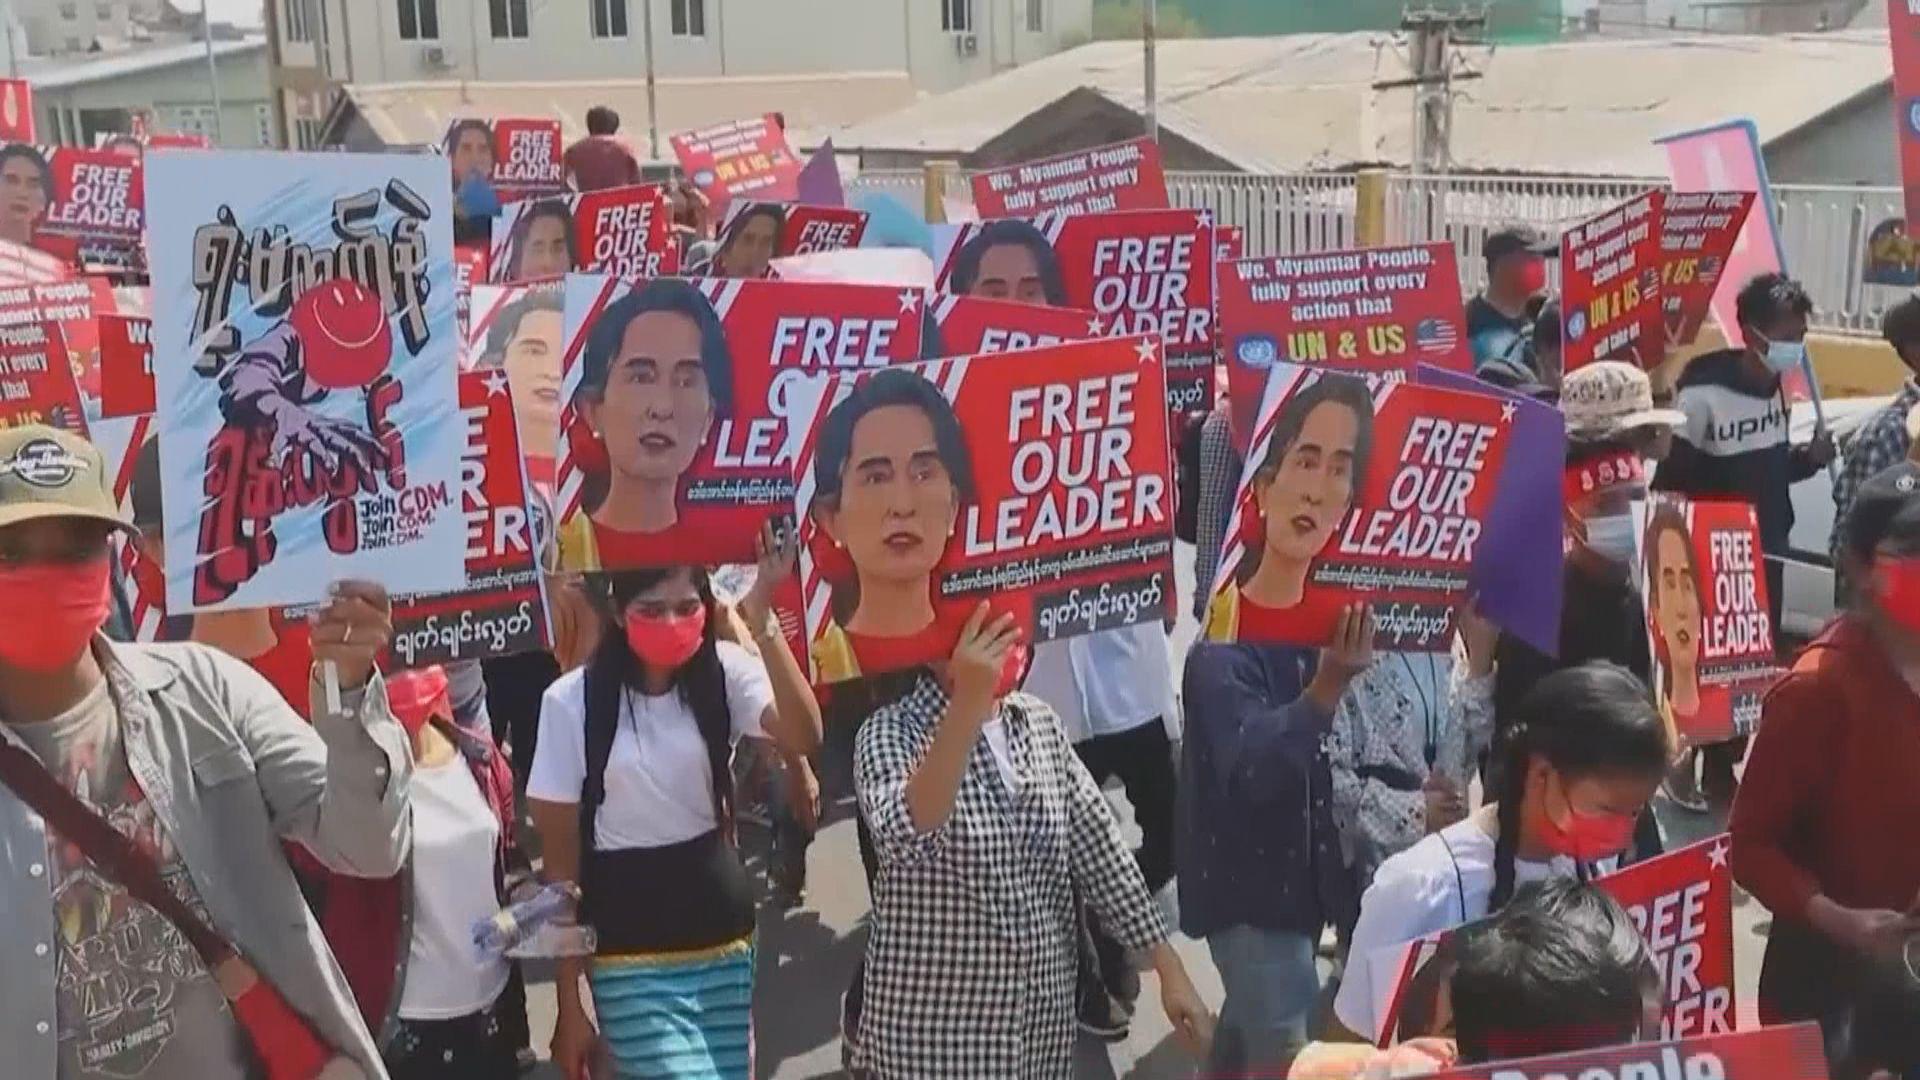 【即日焦點】專家委員會推薦使用科興疫苗 兩劑隔28日接種保護率62%;緬甸連續兩晚斷網 據報軍方將加強監控網絡打擊示威